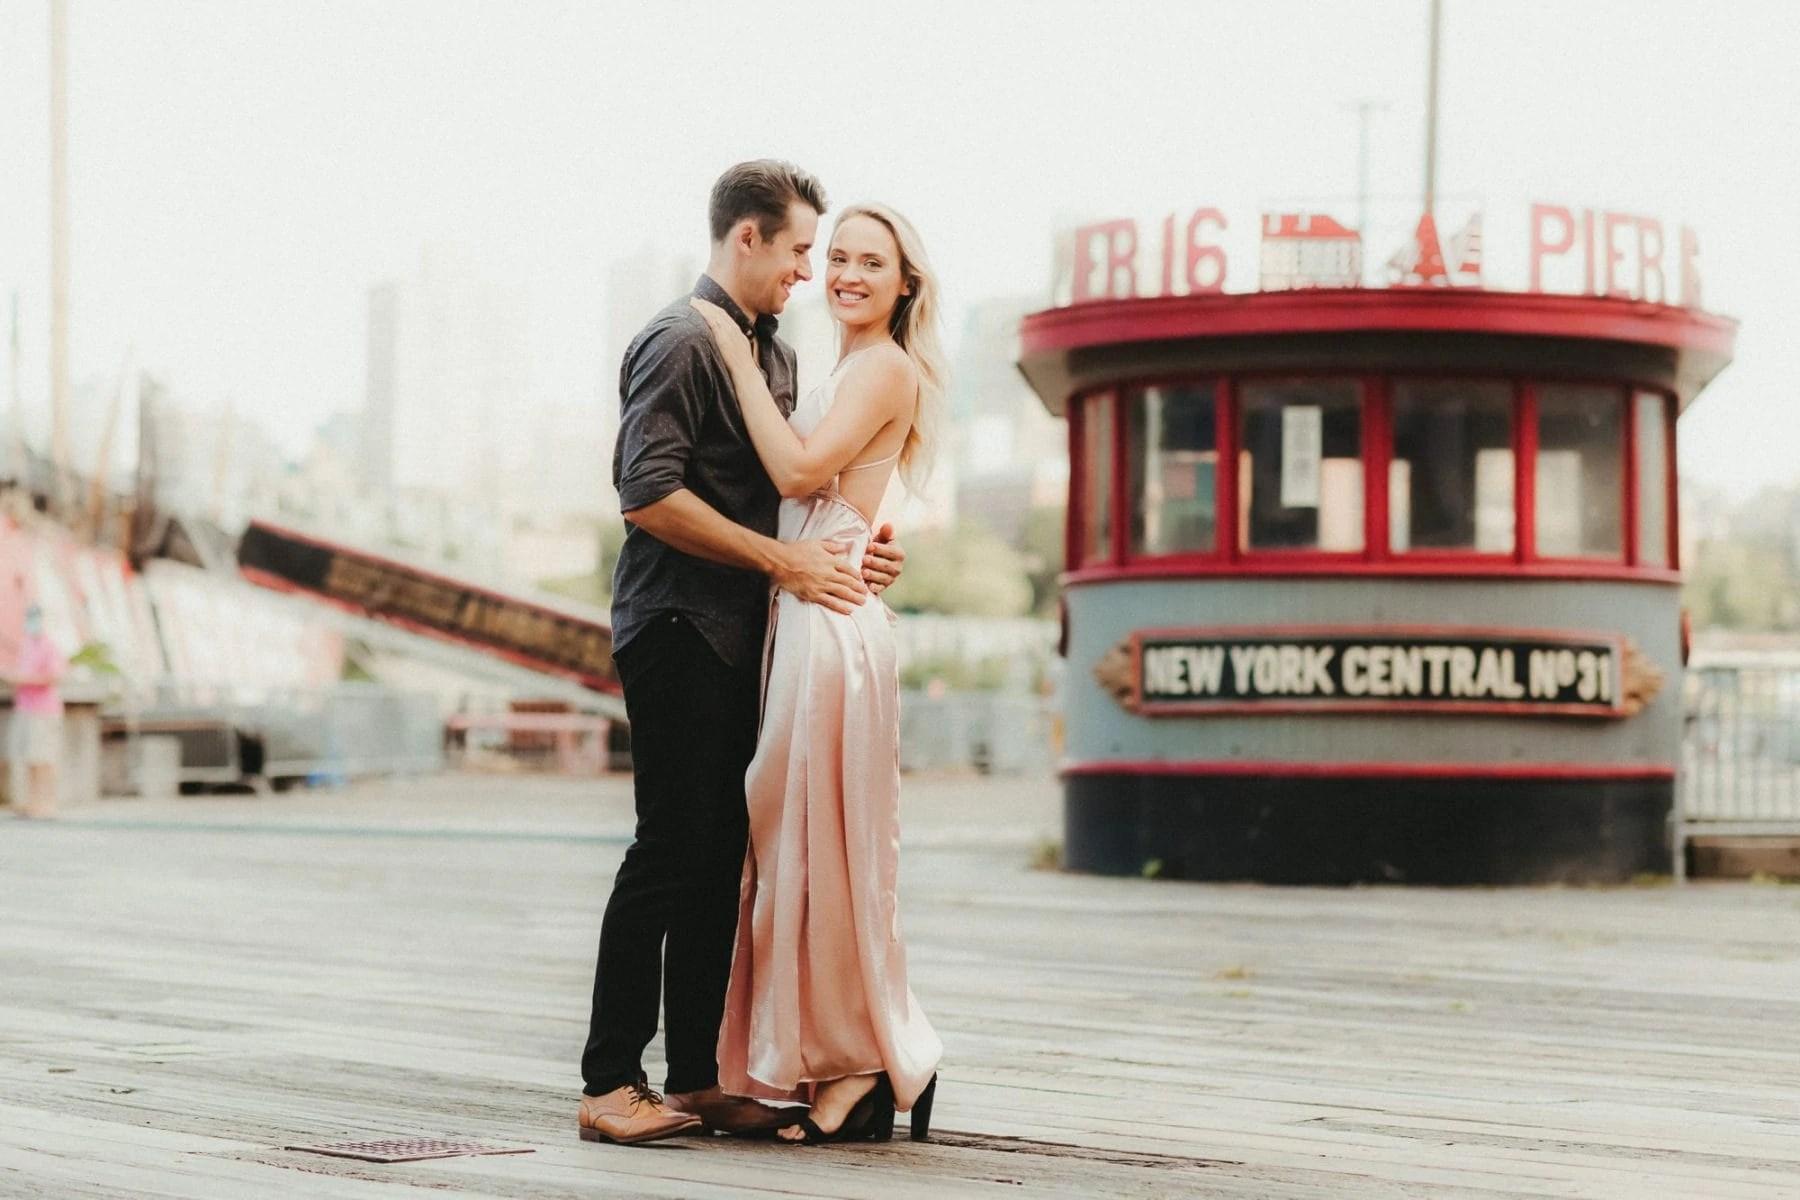 Manhattan Pier 16 Engagement Portrait